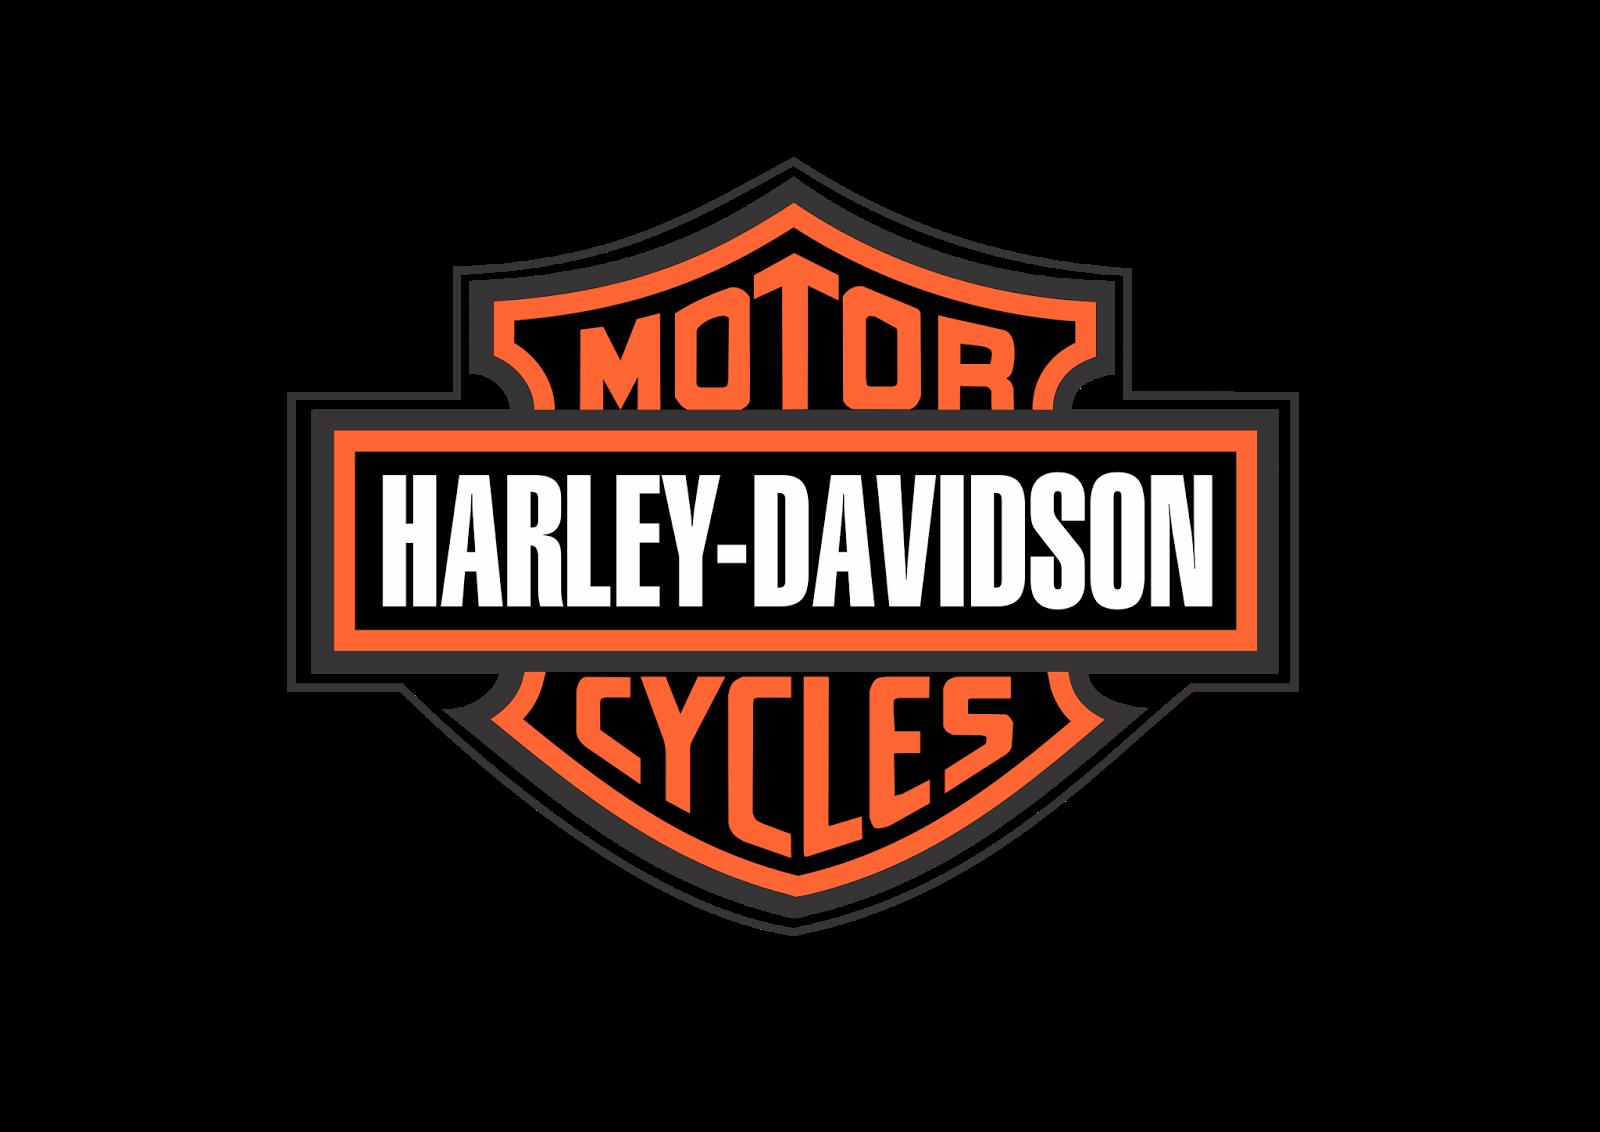 harley davidson logo png image purepng free lego harley davidson motorcycle instructions lego harley davidson motorcycle instructions